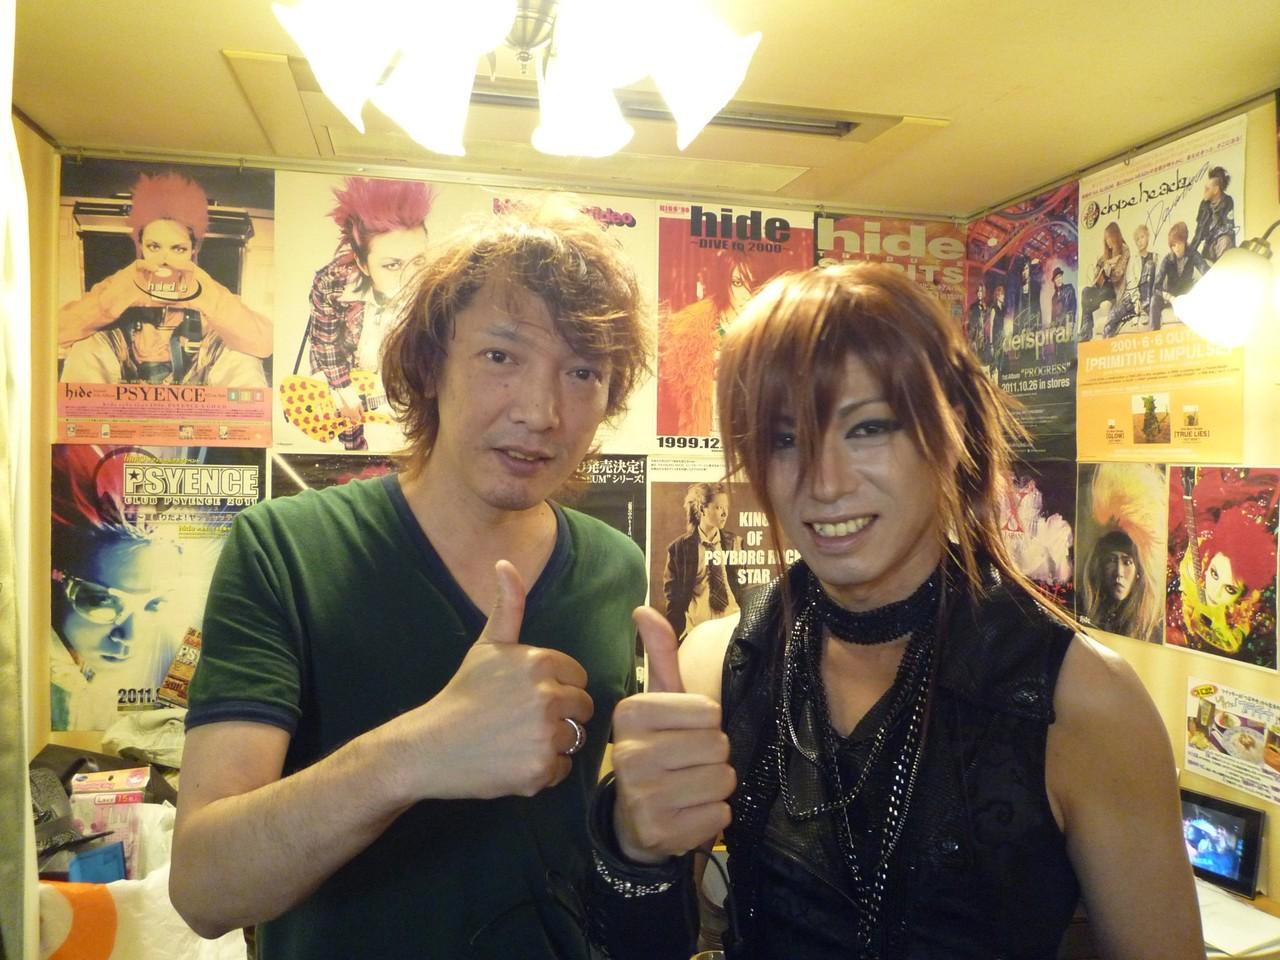 木村世治さんと記念撮影☆初対面の僕にとっても優しくあたたかく接してくださいました!最高に楽しいライヴをありがとうございました♪